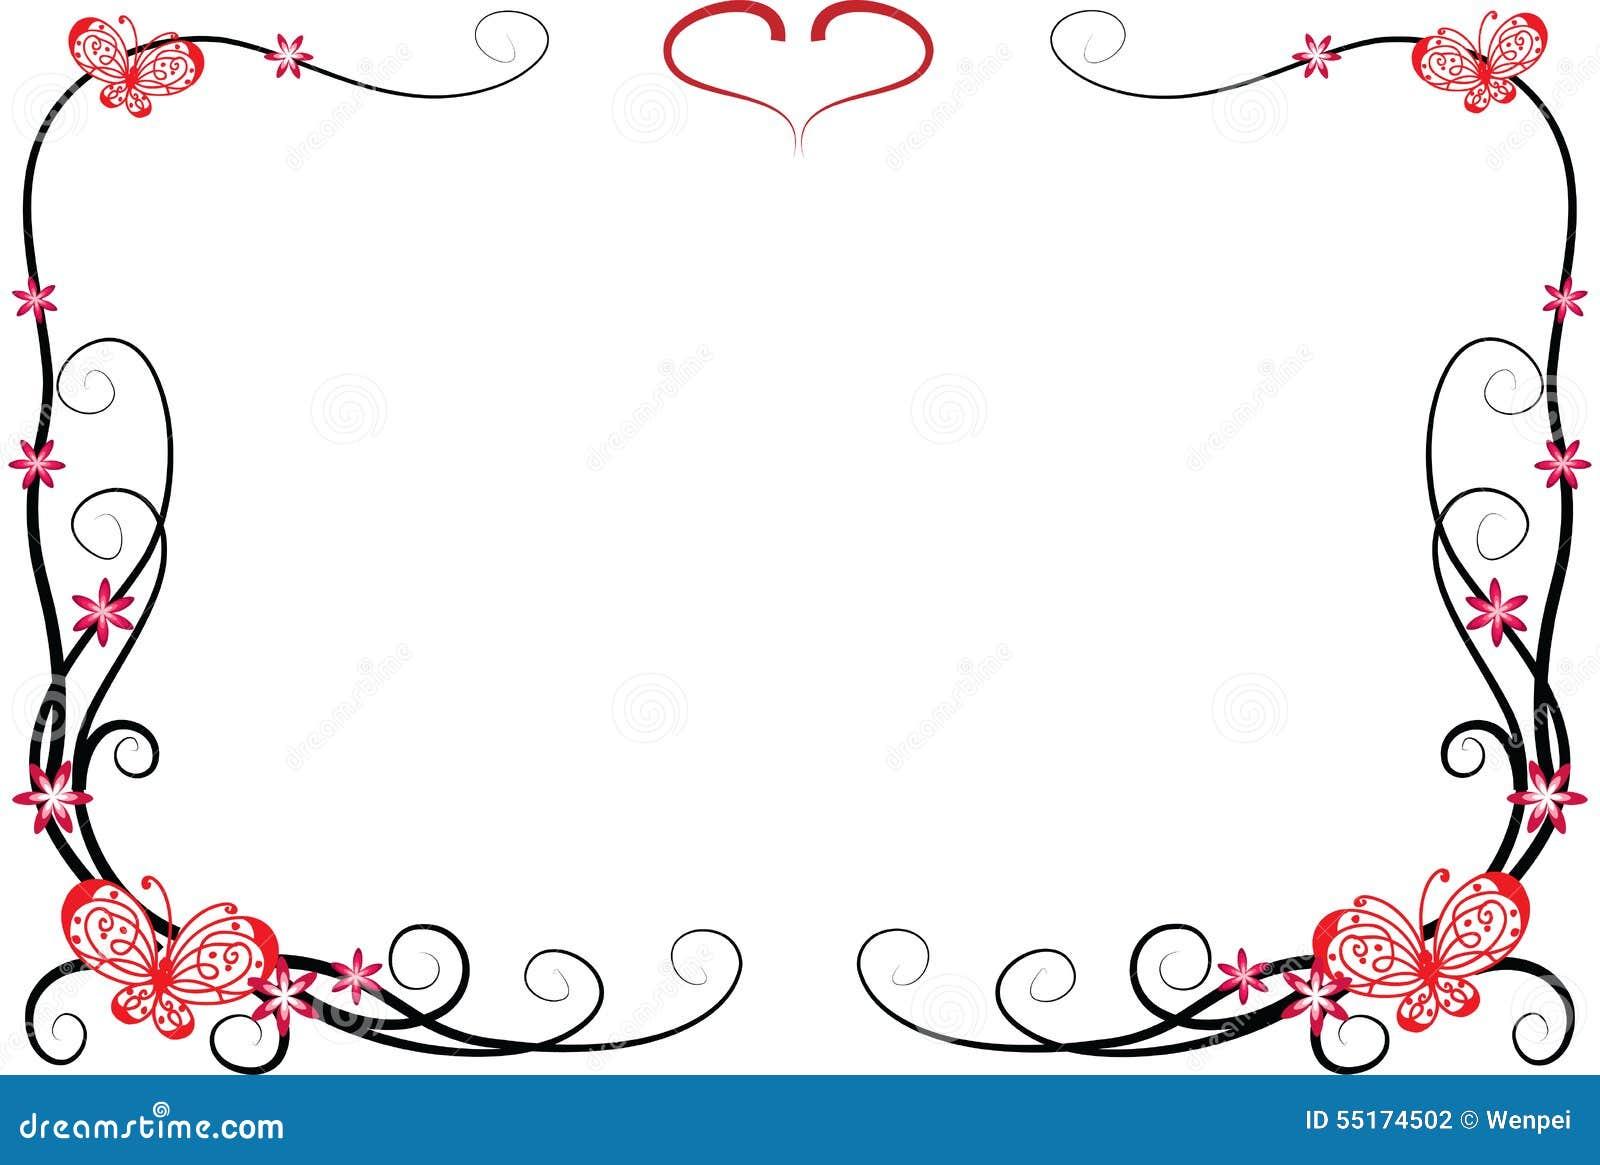 schmetterling mit rahmen stock abbildung bild 55174502. Black Bedroom Furniture Sets. Home Design Ideas